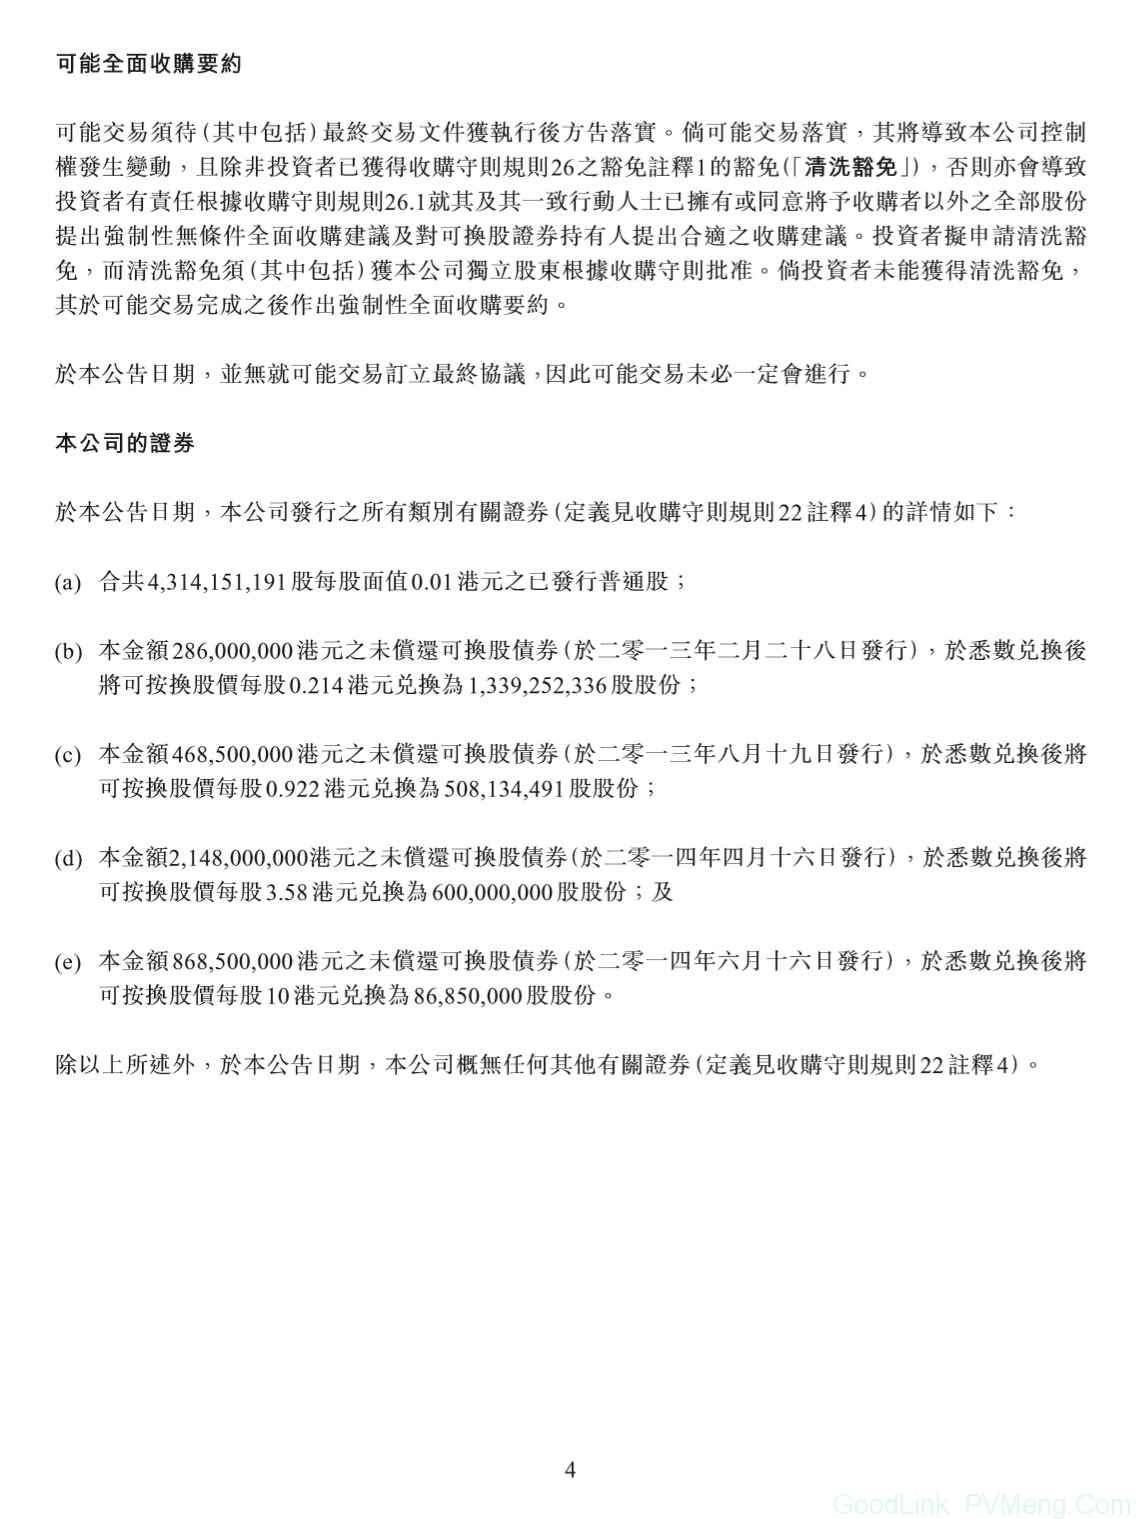 """0180927顺风清洁能源(01165)公告-中核及华丰可能收购其股份并控股"""""""